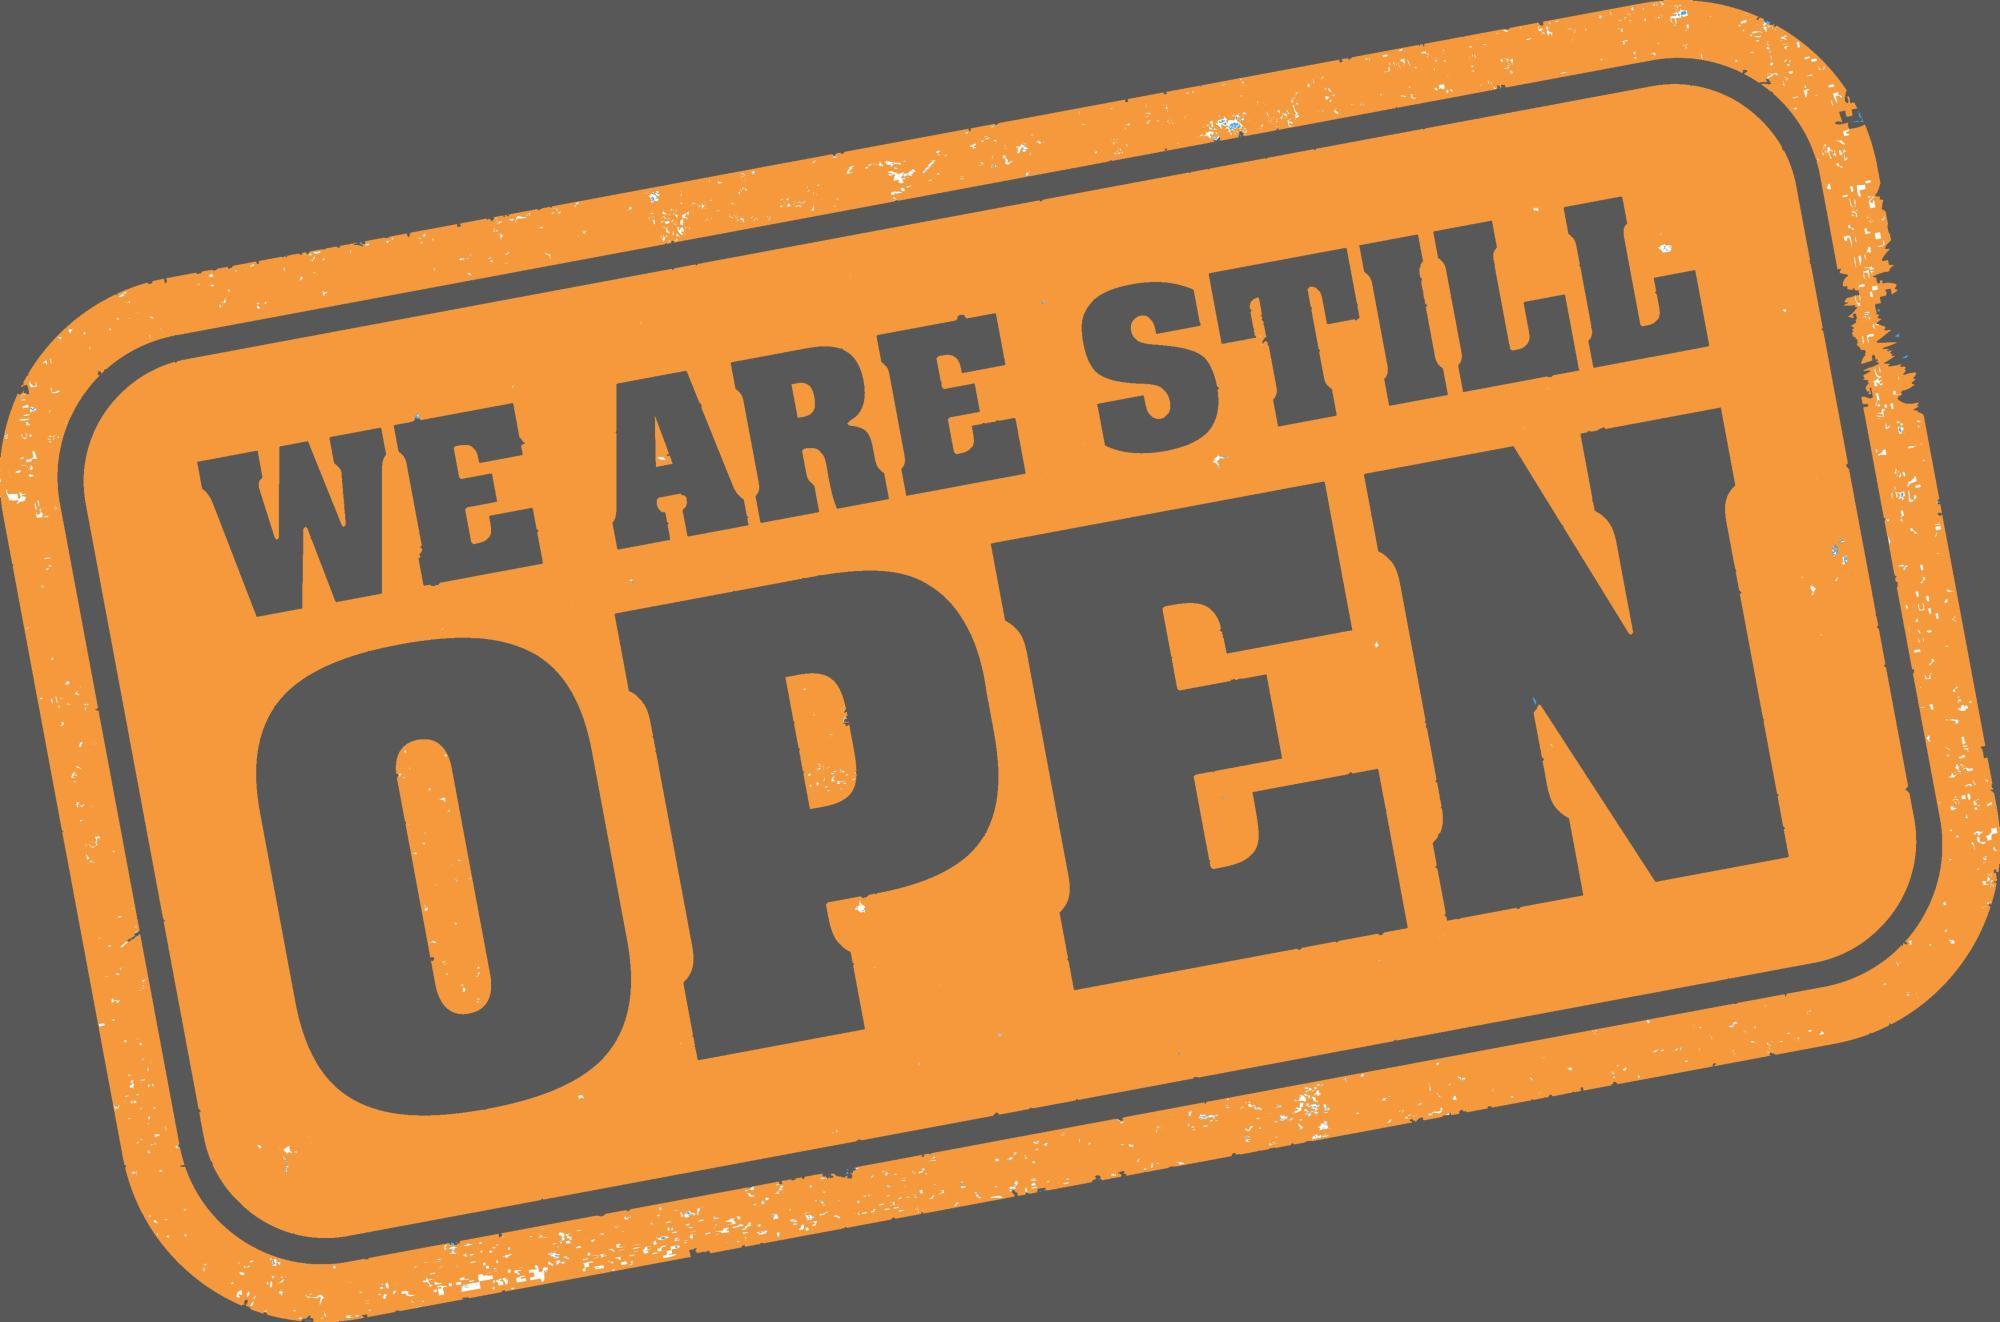 still open